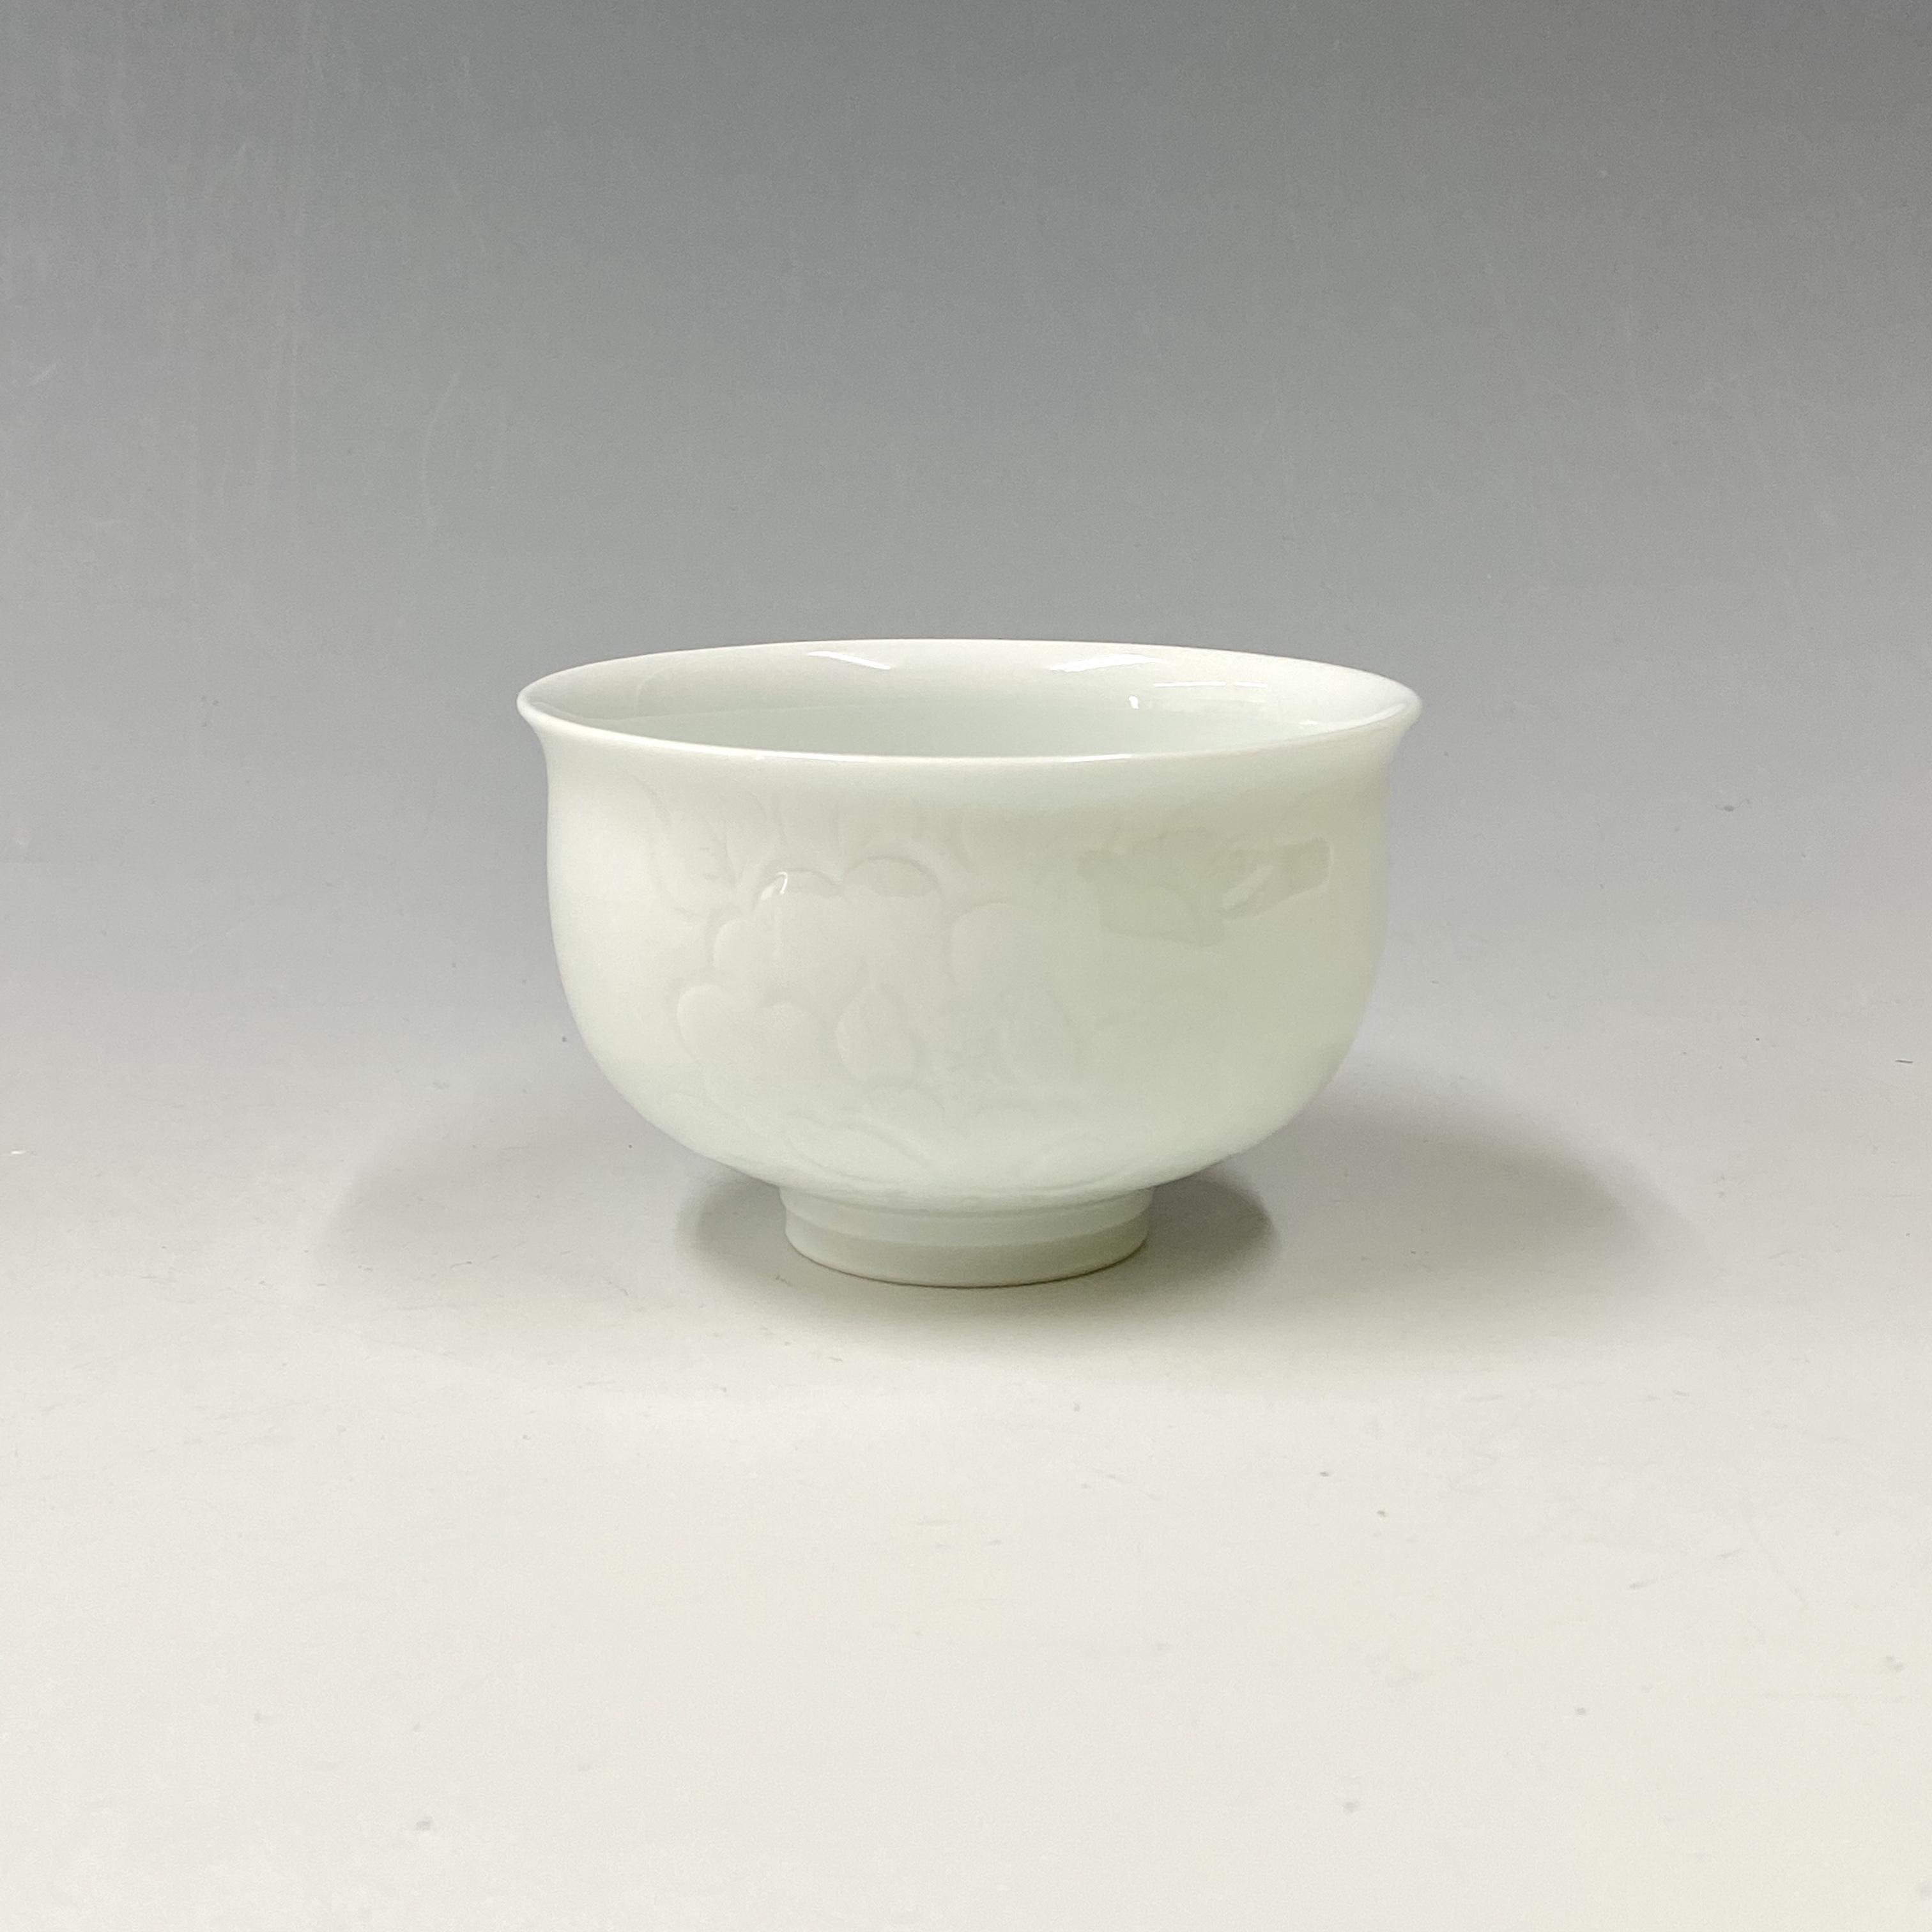 【中尾恭純】白磁牡丹彫多用碗